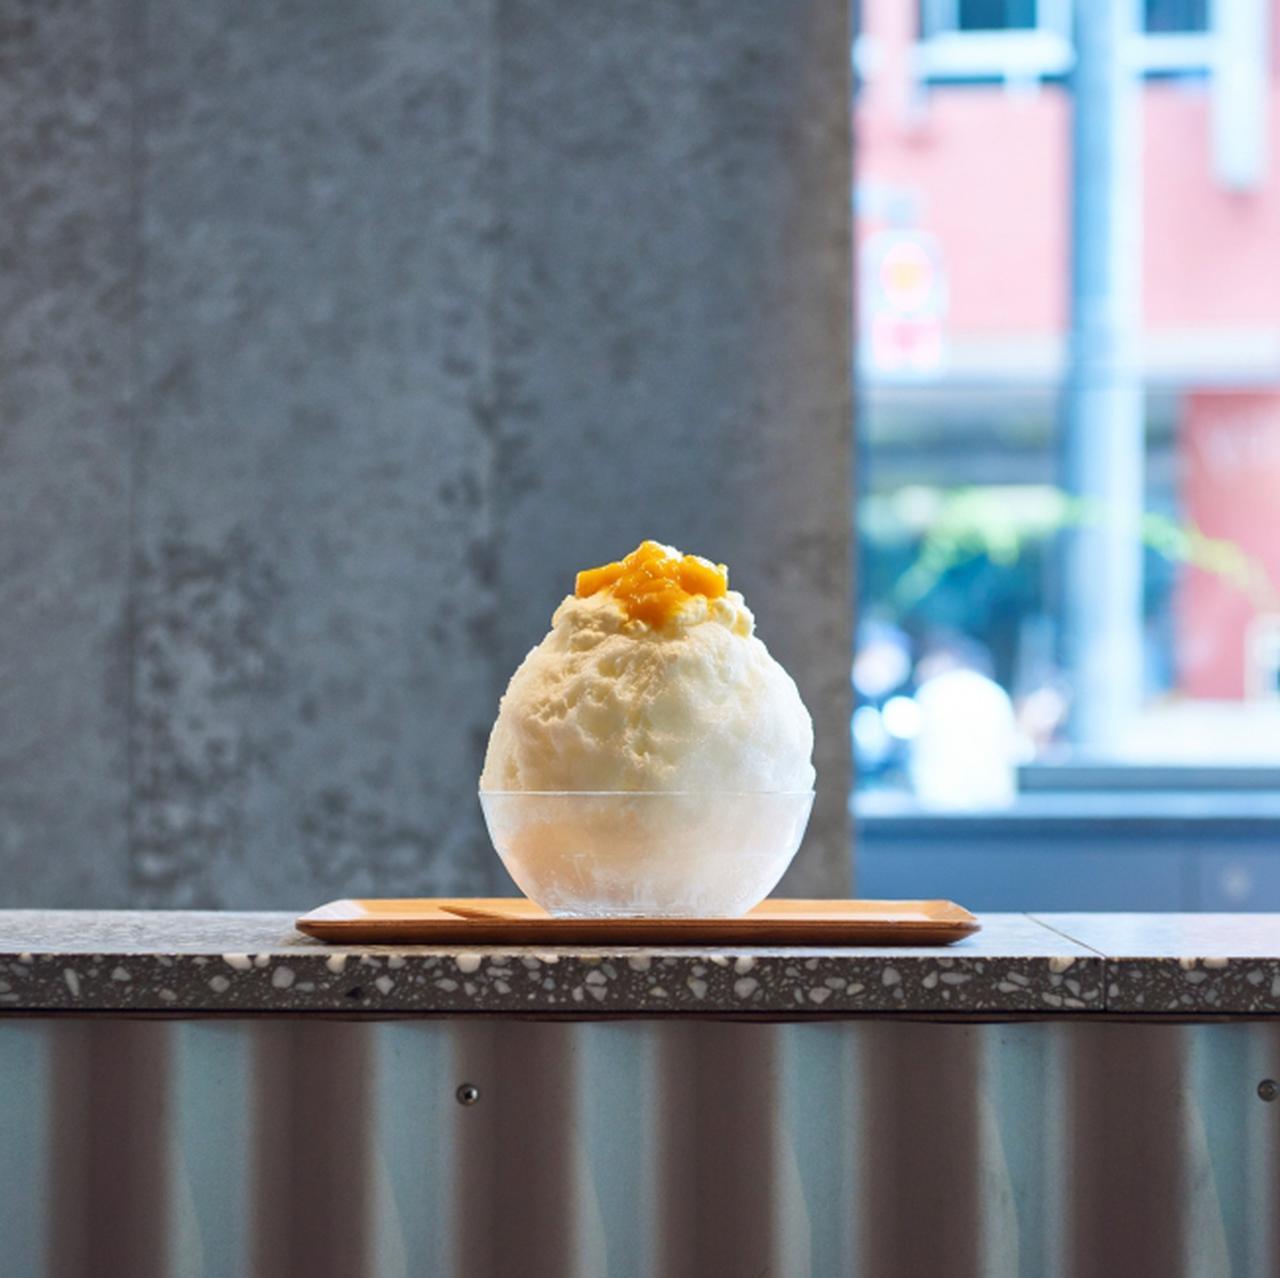 画像3: 濃厚なミルクをたっぷり使用したかき氷『shibuya milk ice』